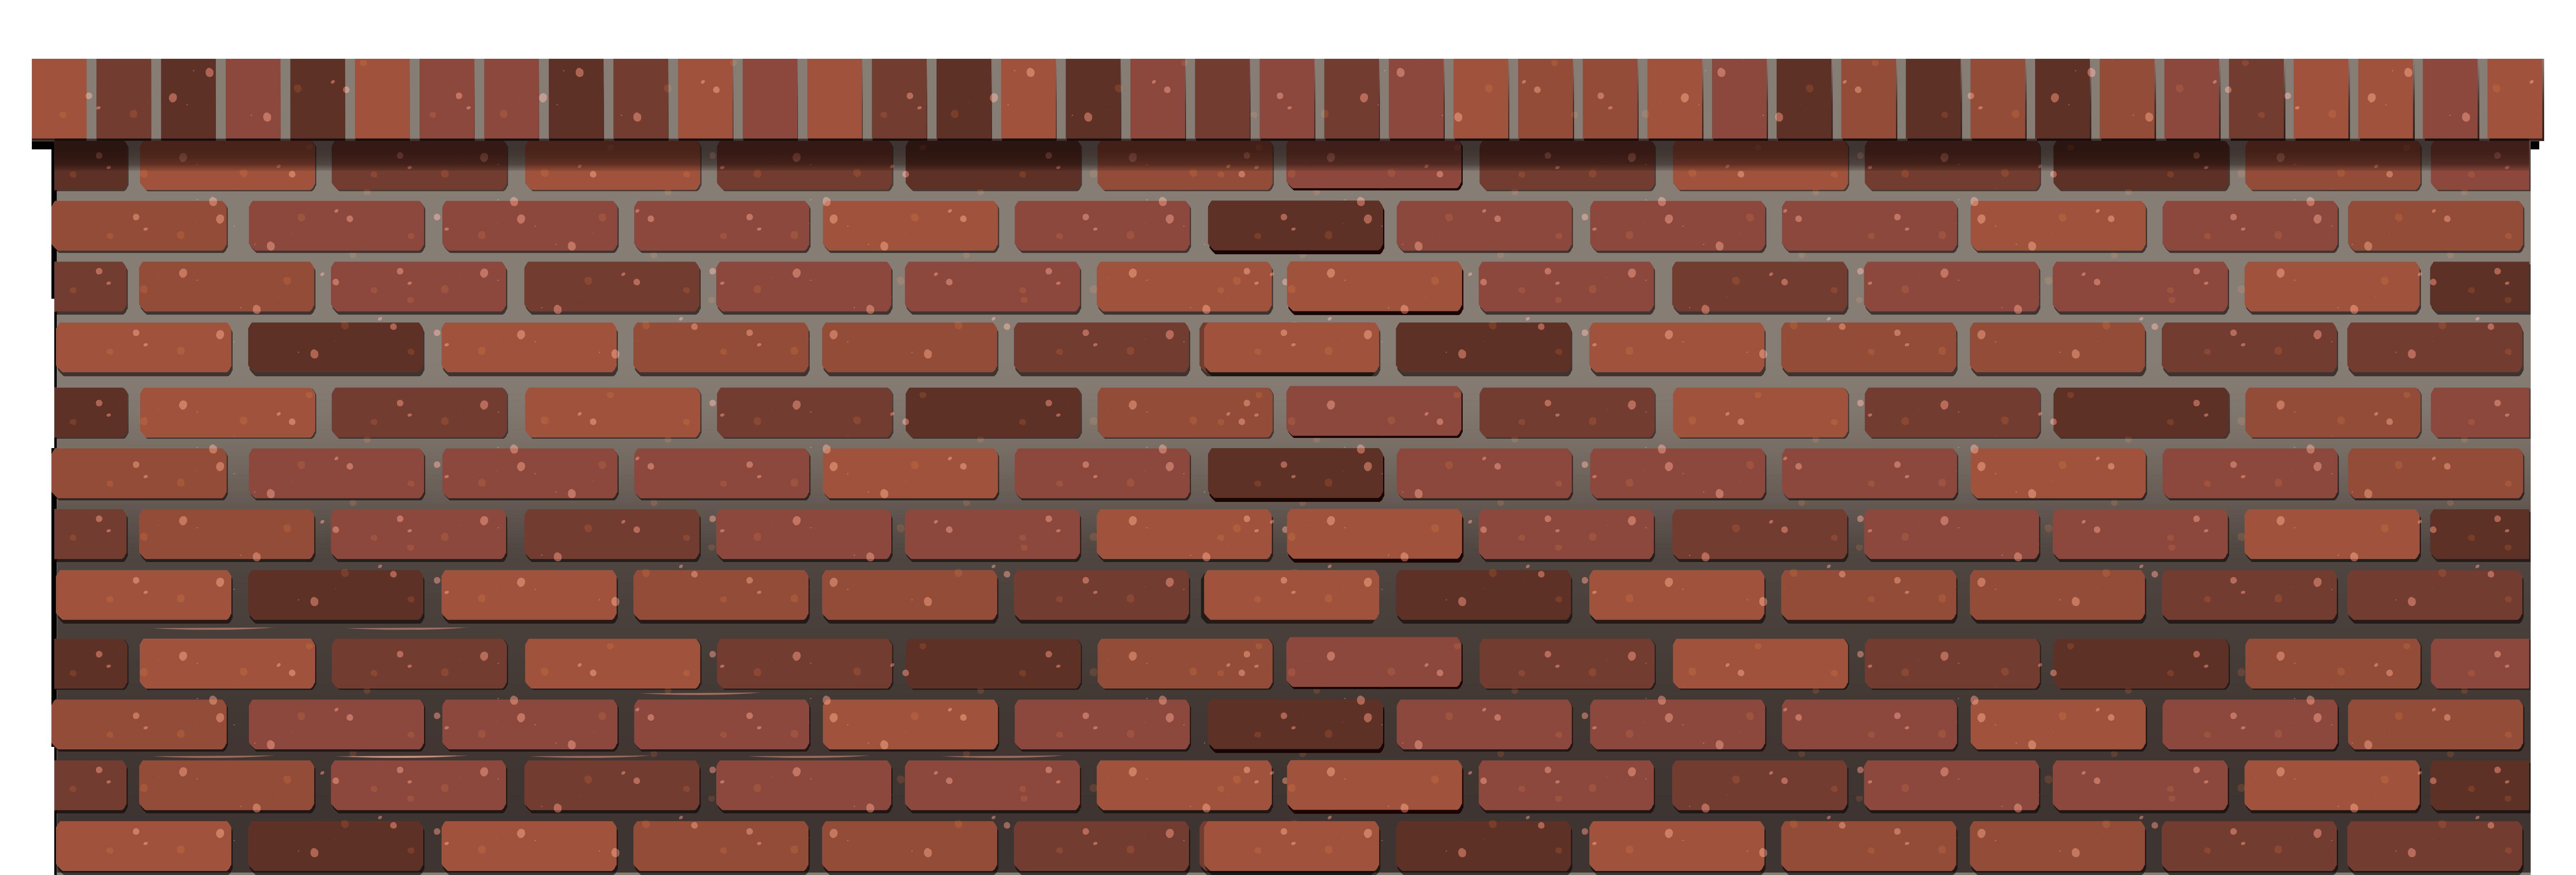 Brick Fence Wall Png image #39826 - Brick PNG